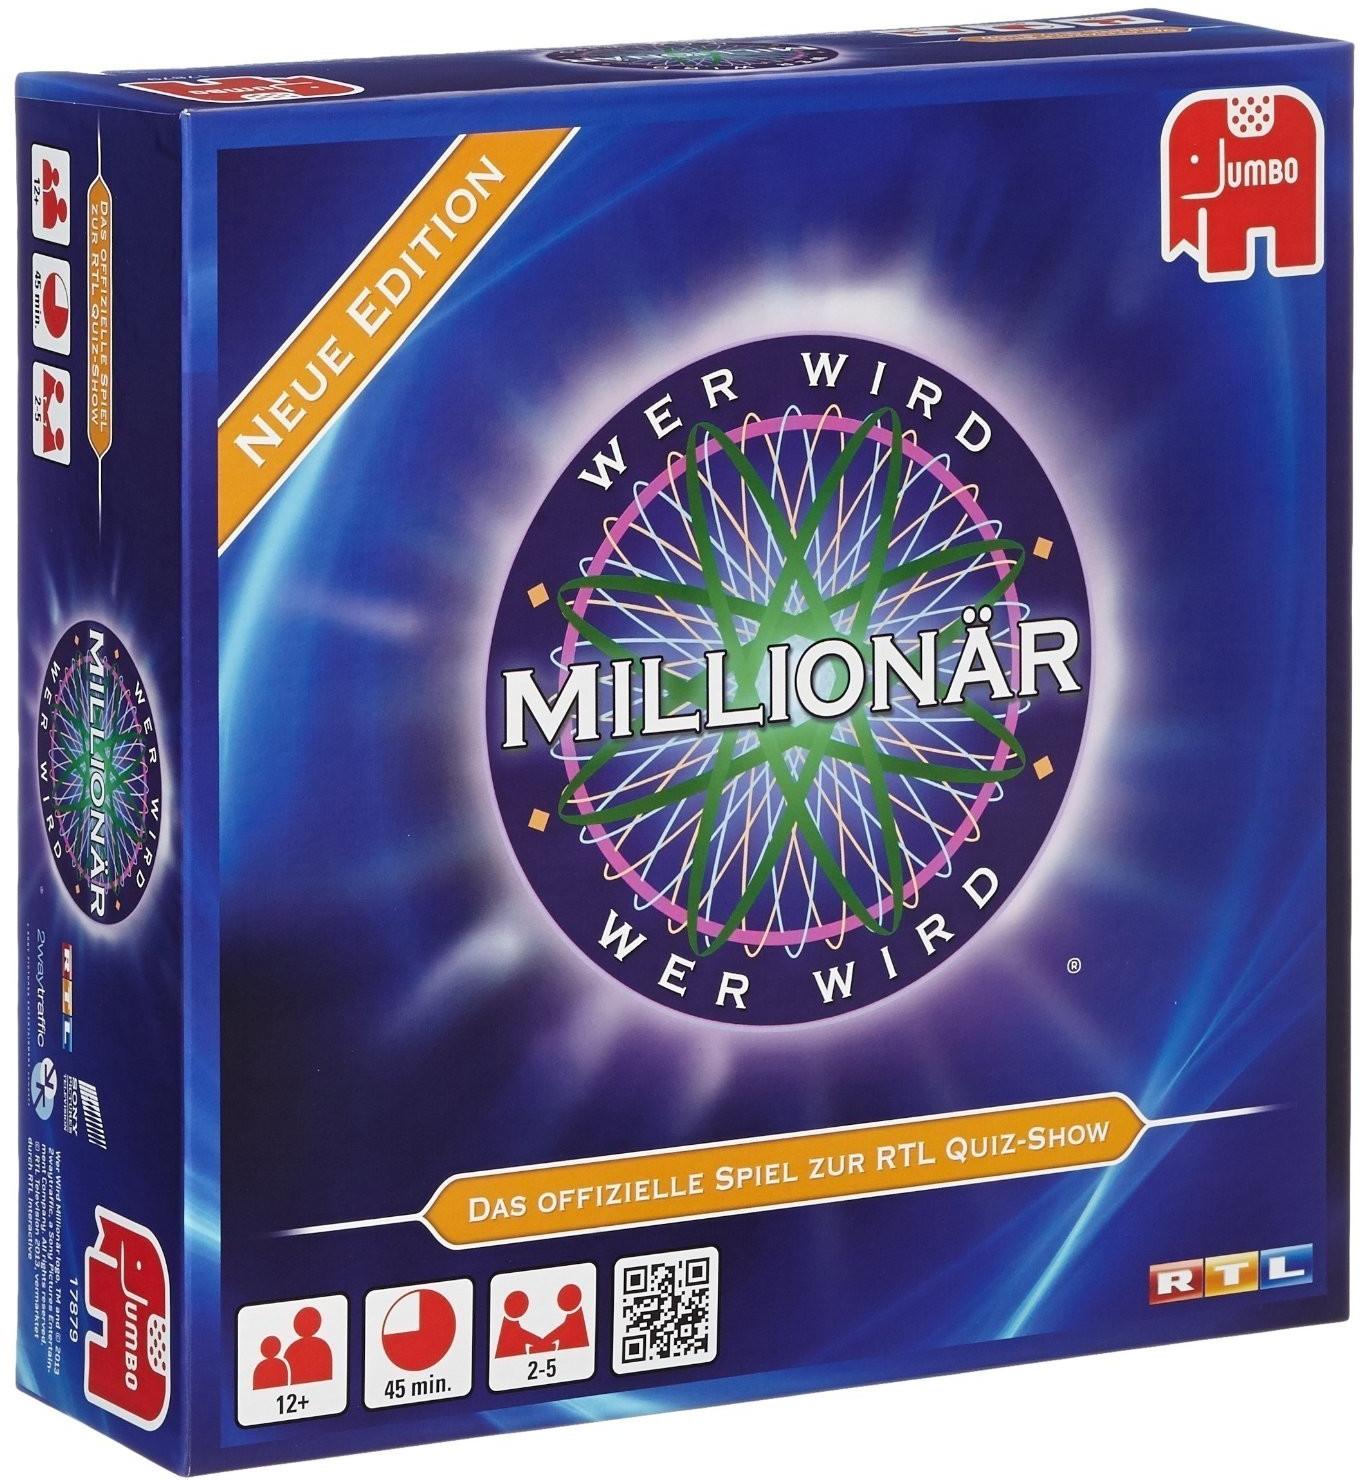 Jumbo Wer wird Millionär? - Neue Edition 2013